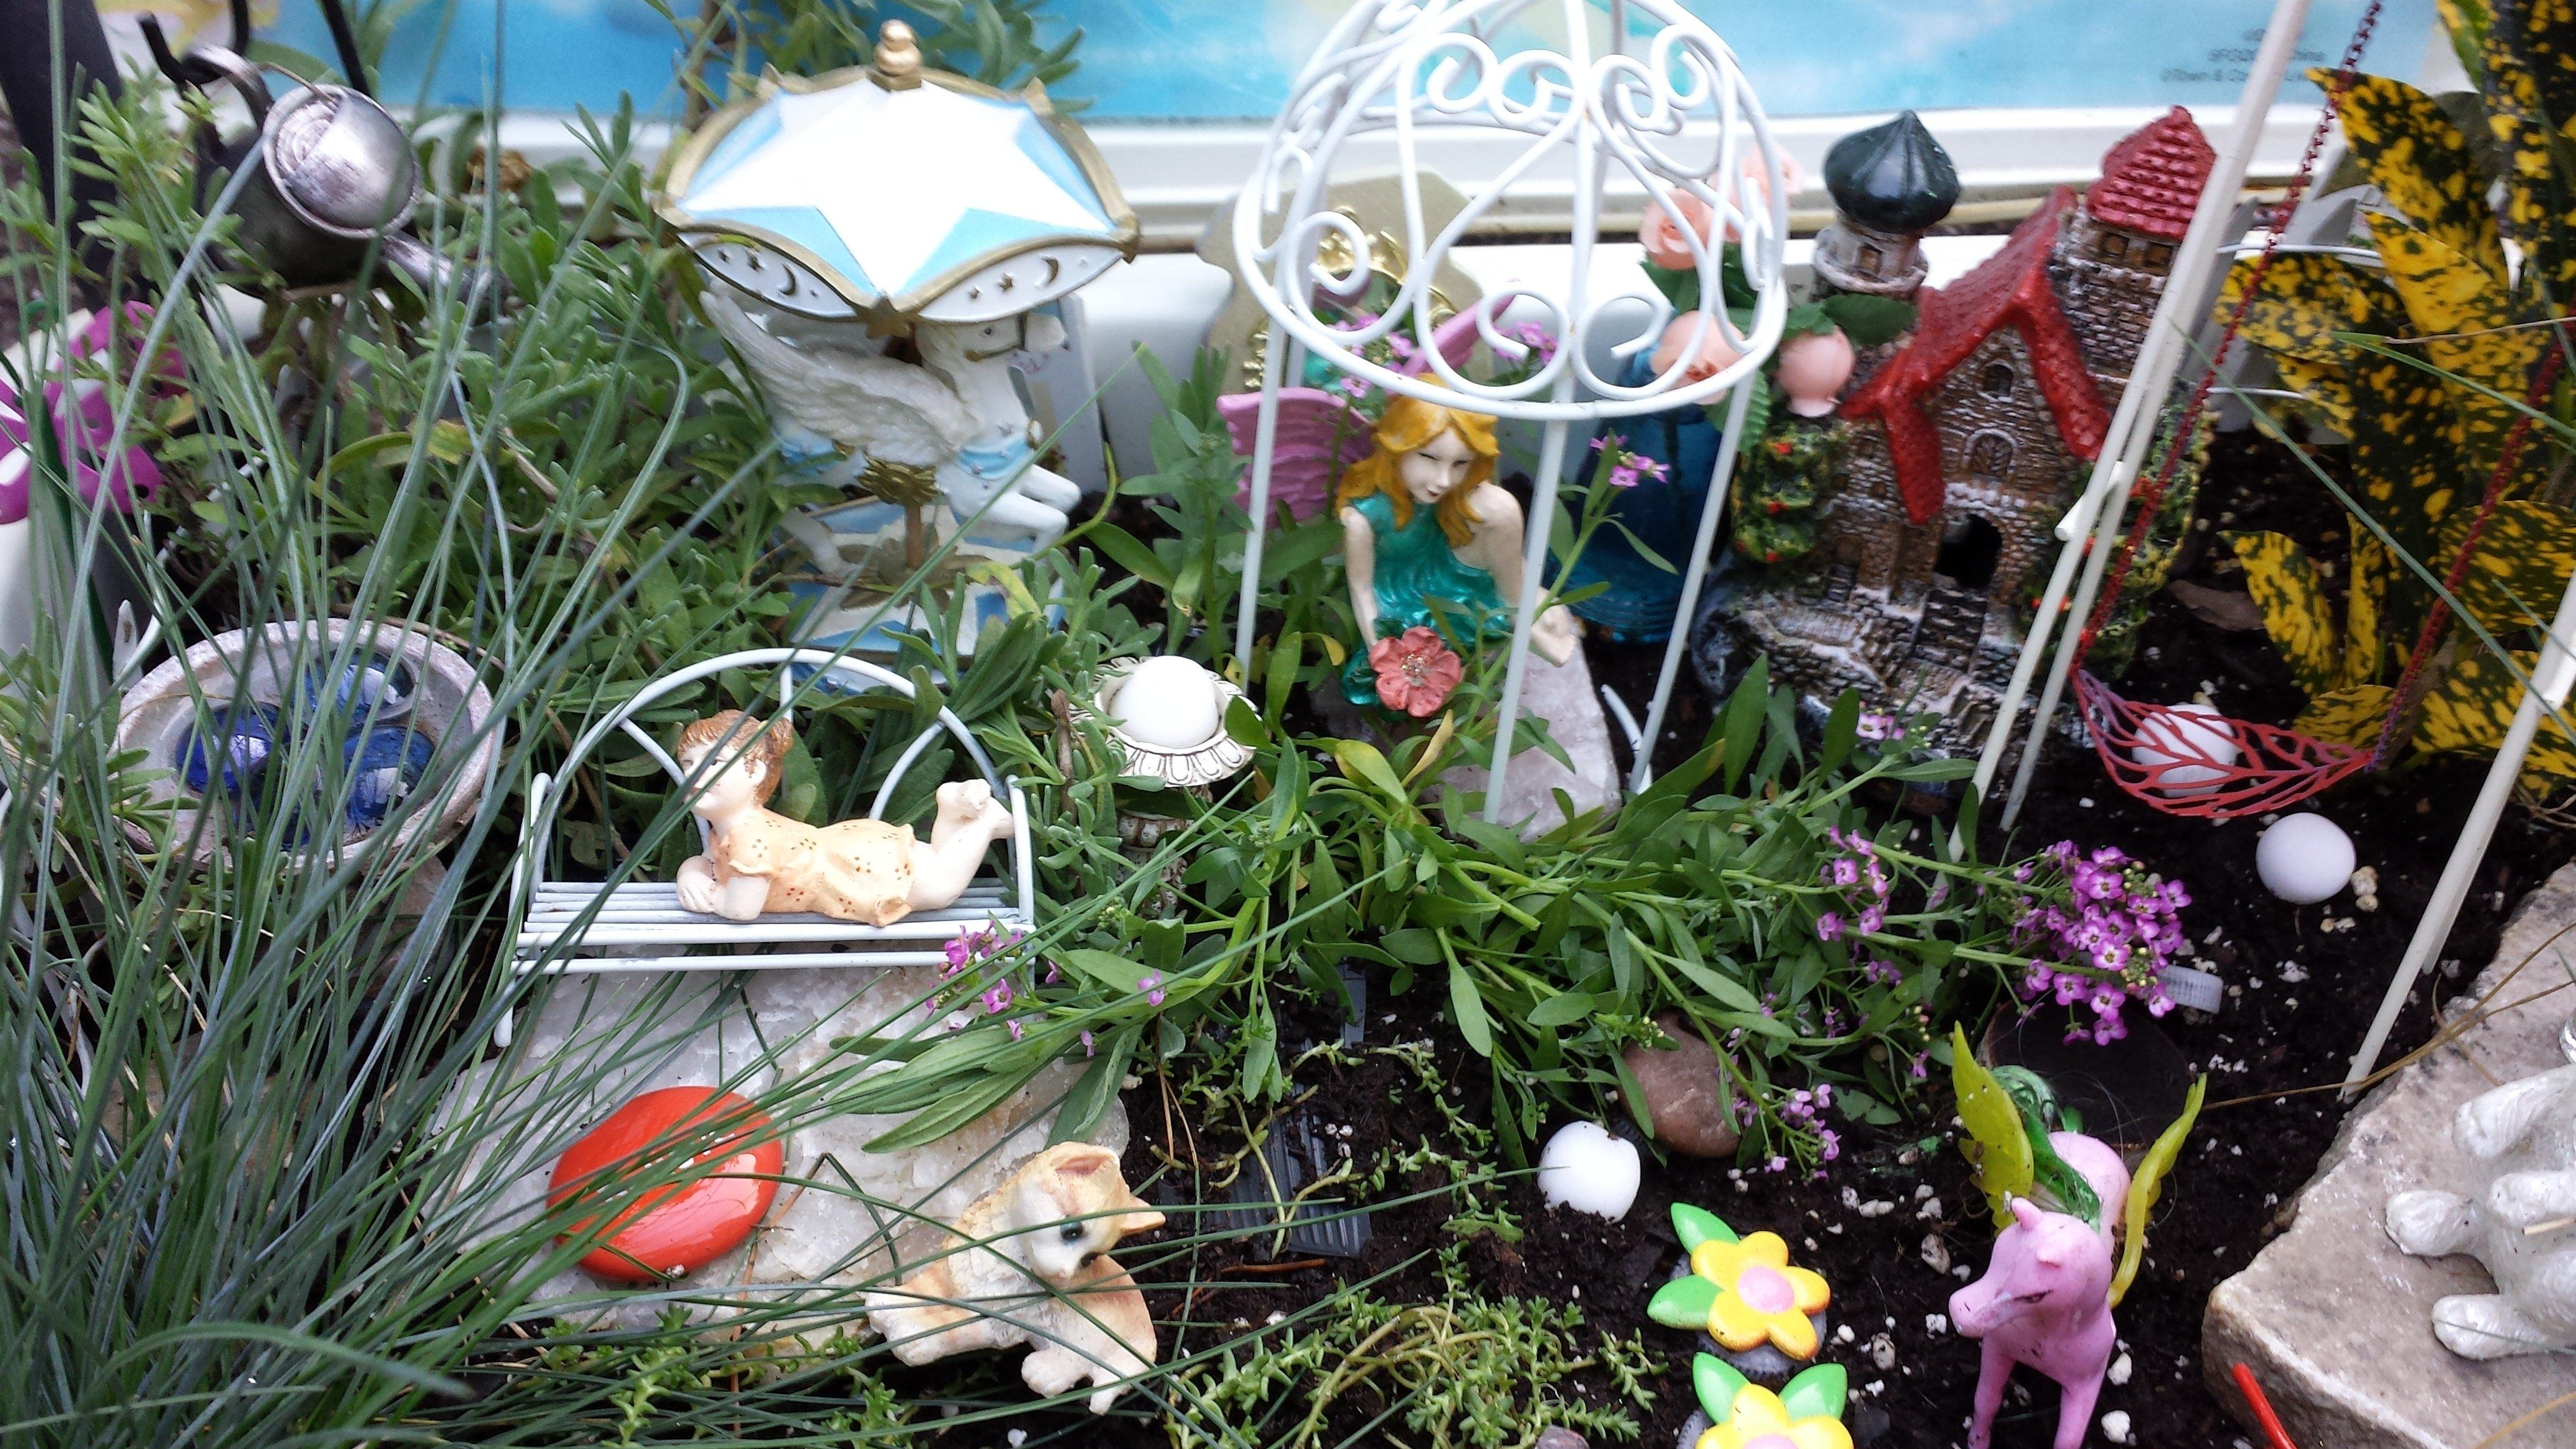 Miniature Toy Fairy Garden